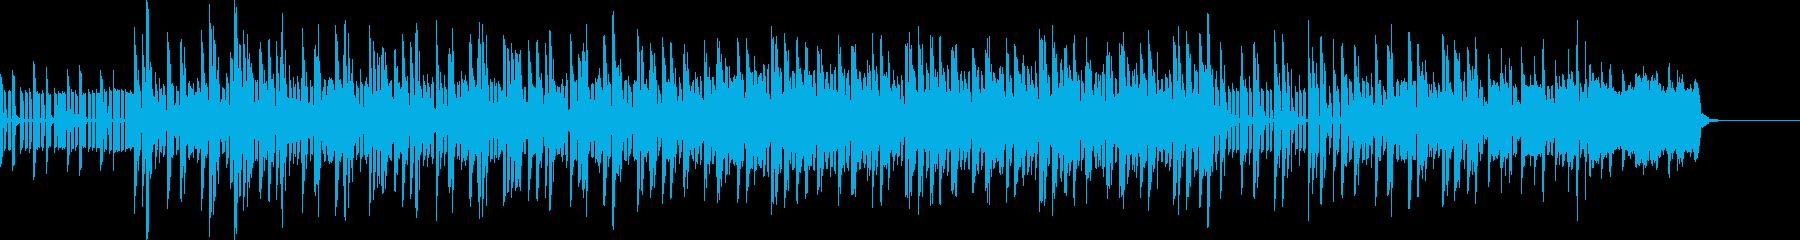 シンセサイザーによるミディアムテンポの曲の再生済みの波形